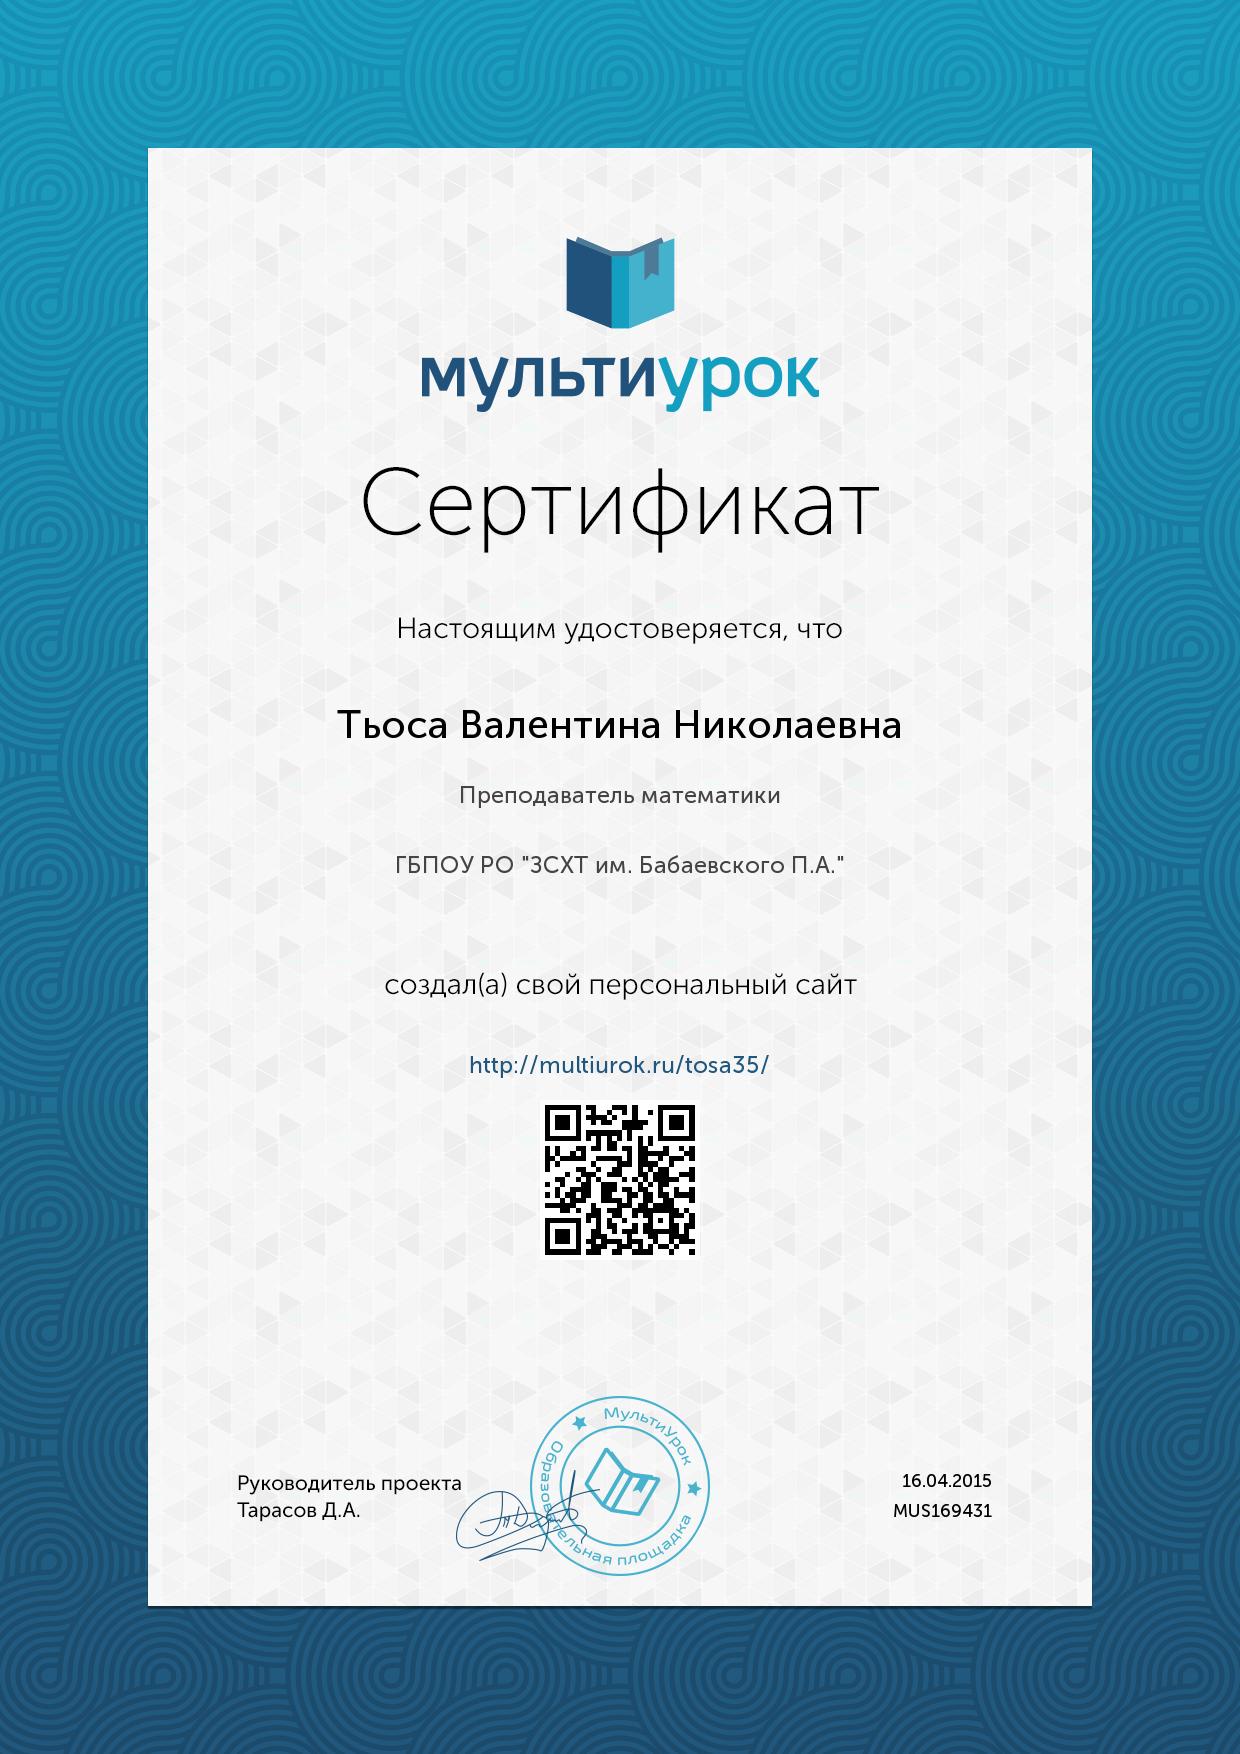 C:\Users\user\Desktop\все документы\ВСЕРОС ОЛИМП\награды\Сертификат Тьоса Валентина Николаевна.png